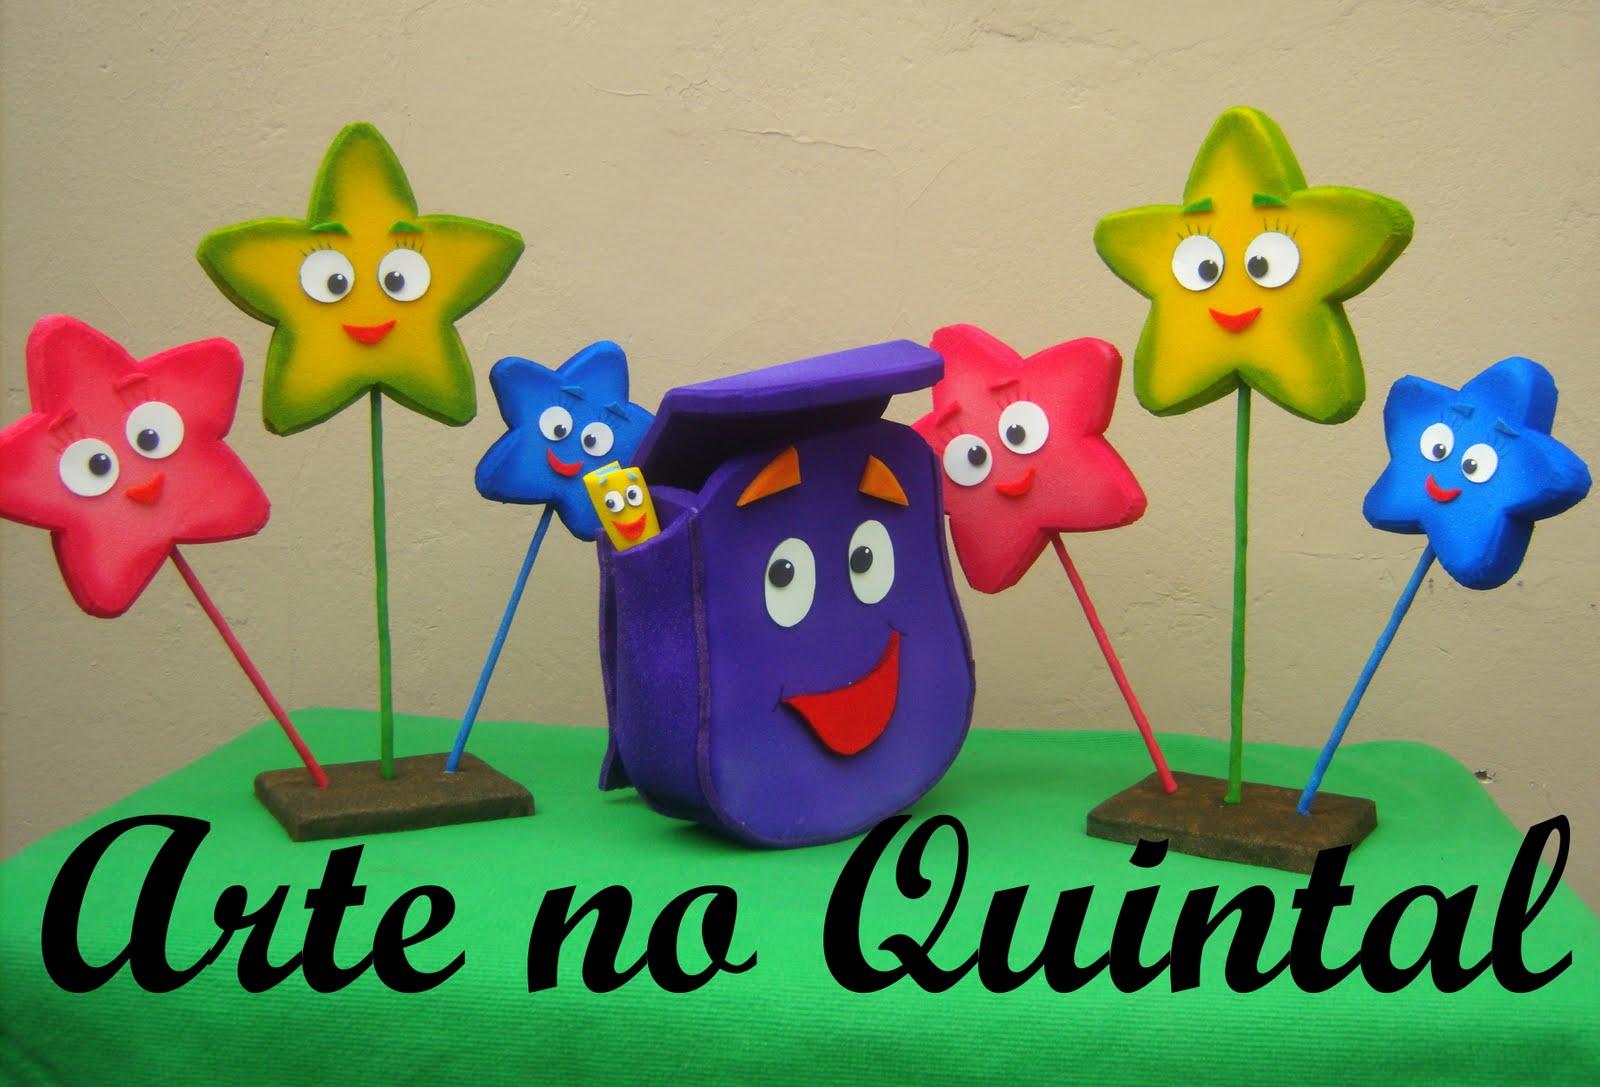 decoracao festa quintal:Peça coloridas para a decoração da Dora Aventureira, da Monkey Kids